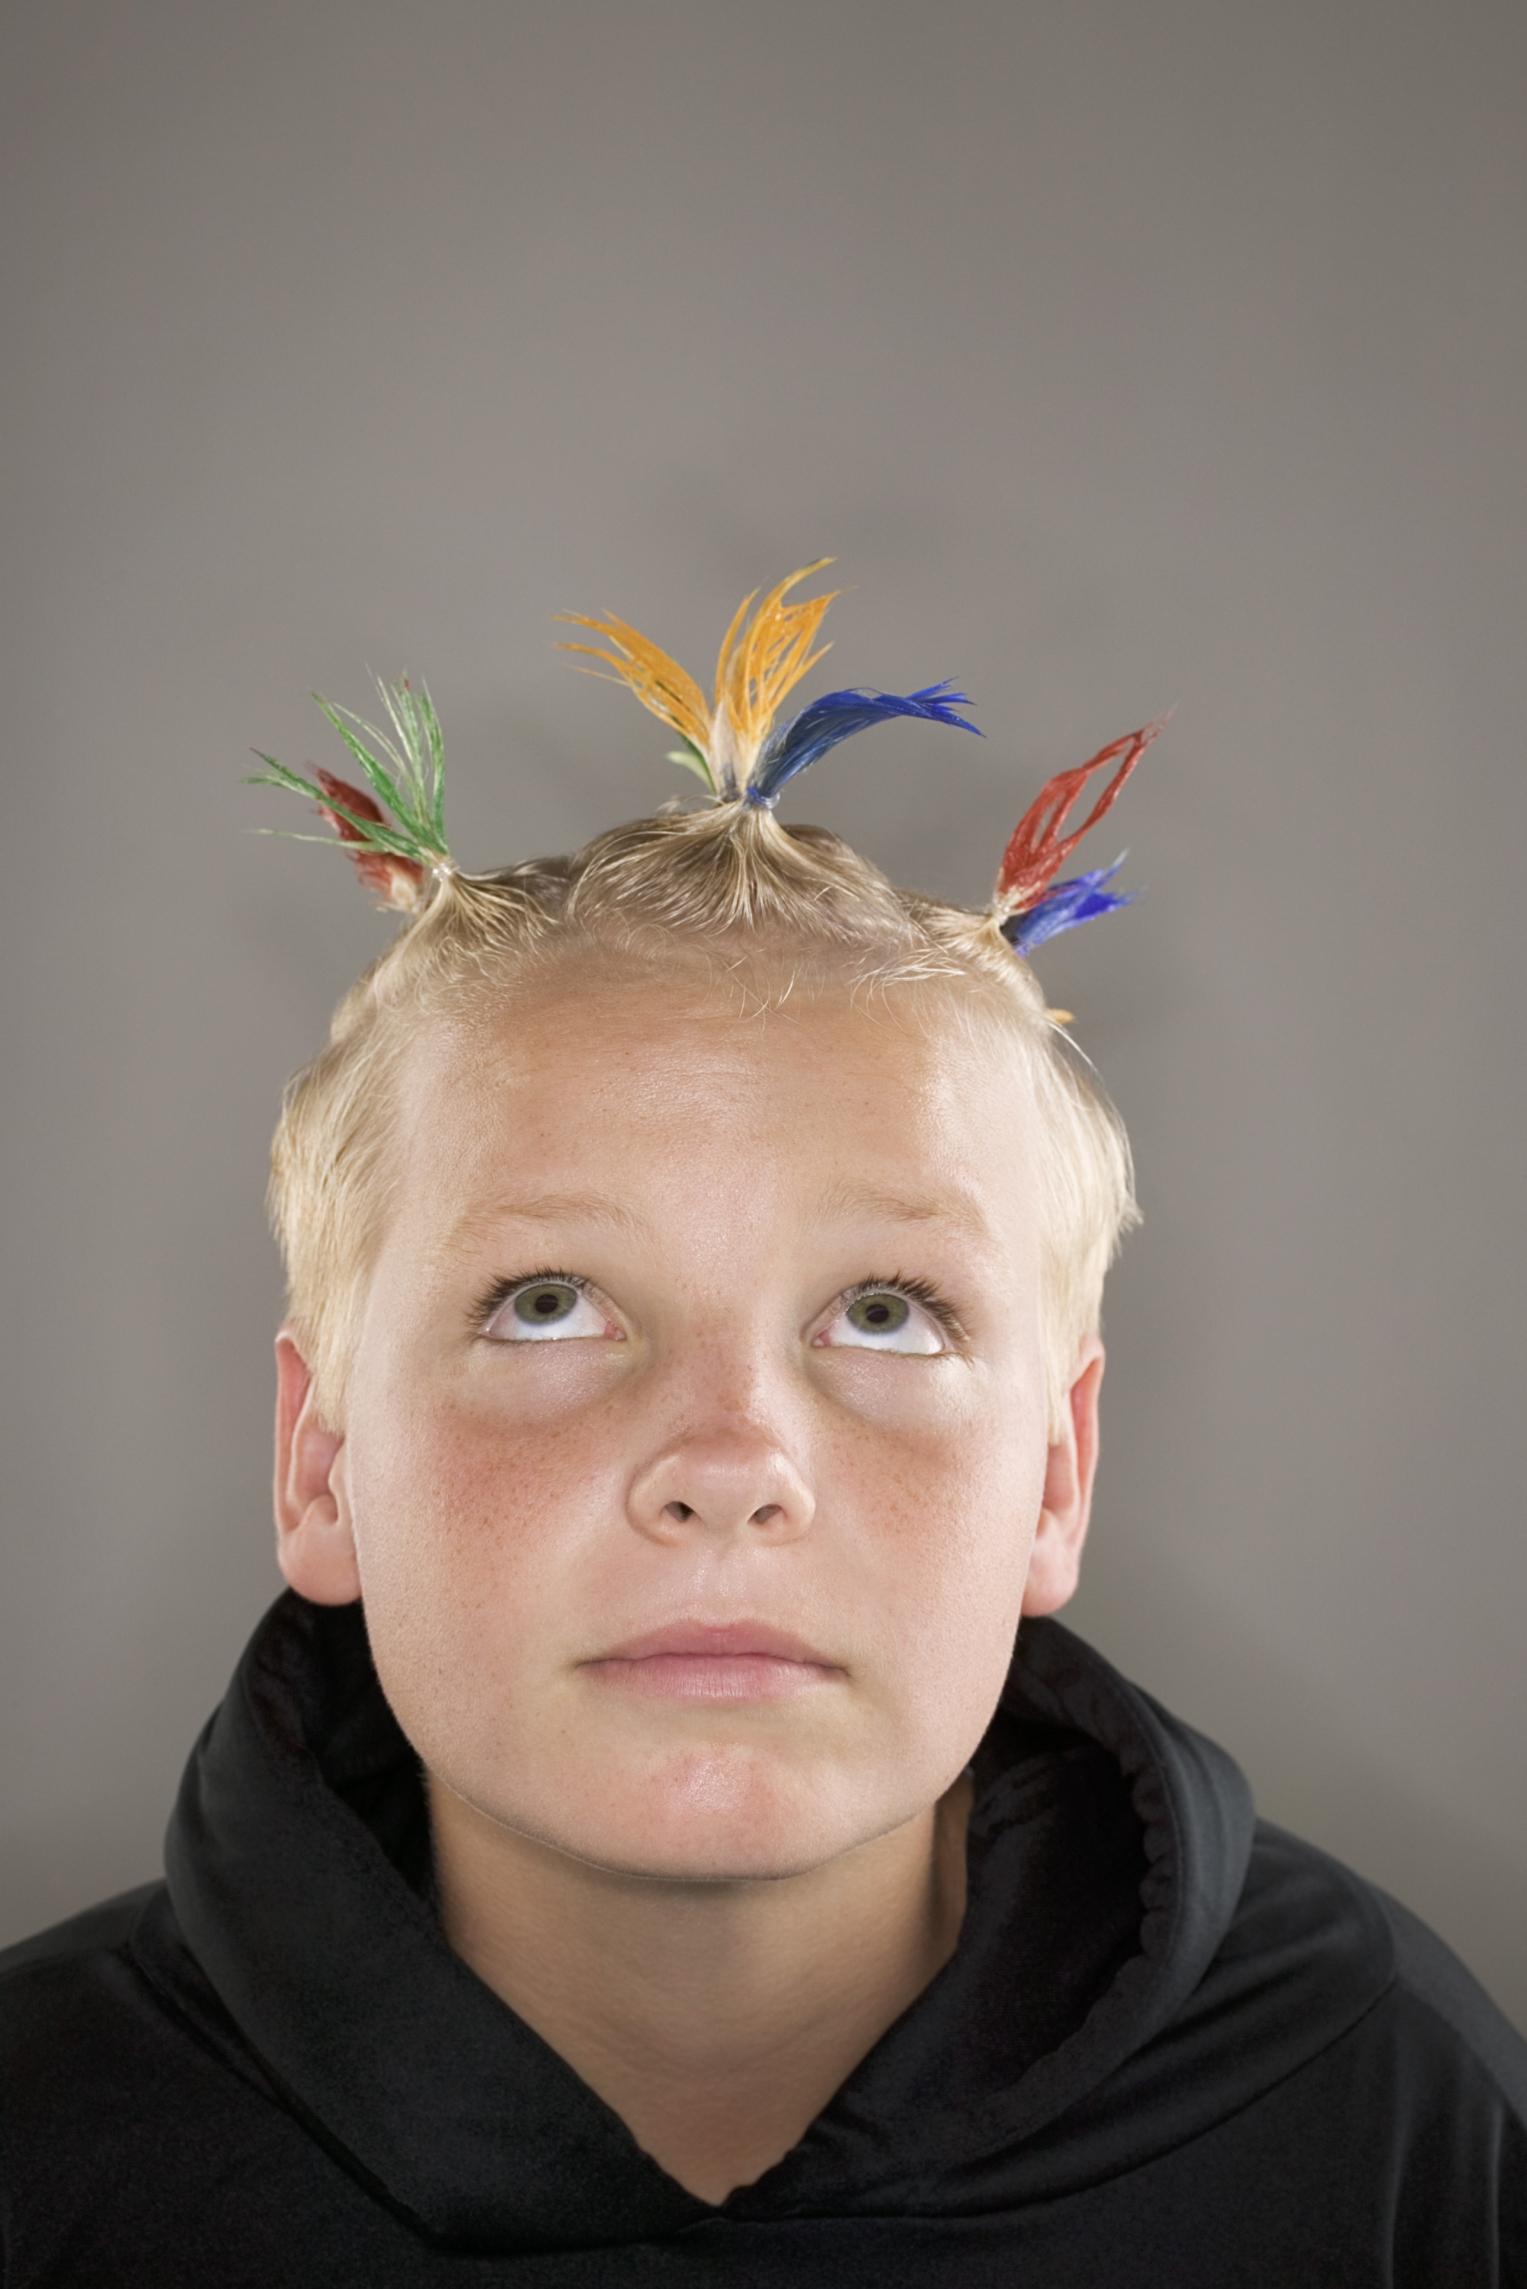 Peinados locos para ninos con cabello corto